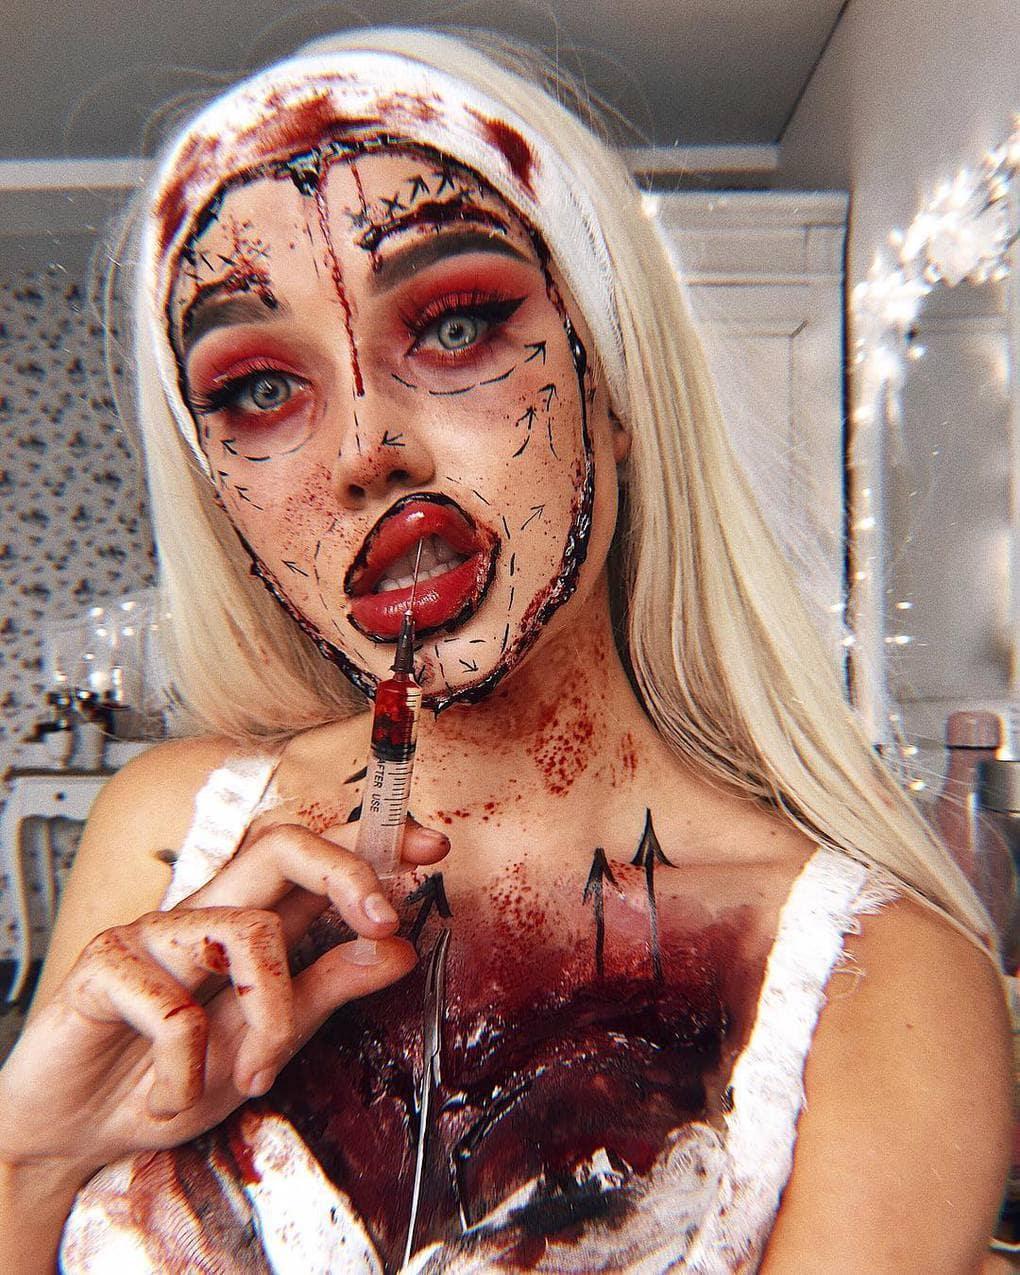 Визажист из Литвы делает макияж, с которым на Хэллоуине любая будет звездой вечеринки 19